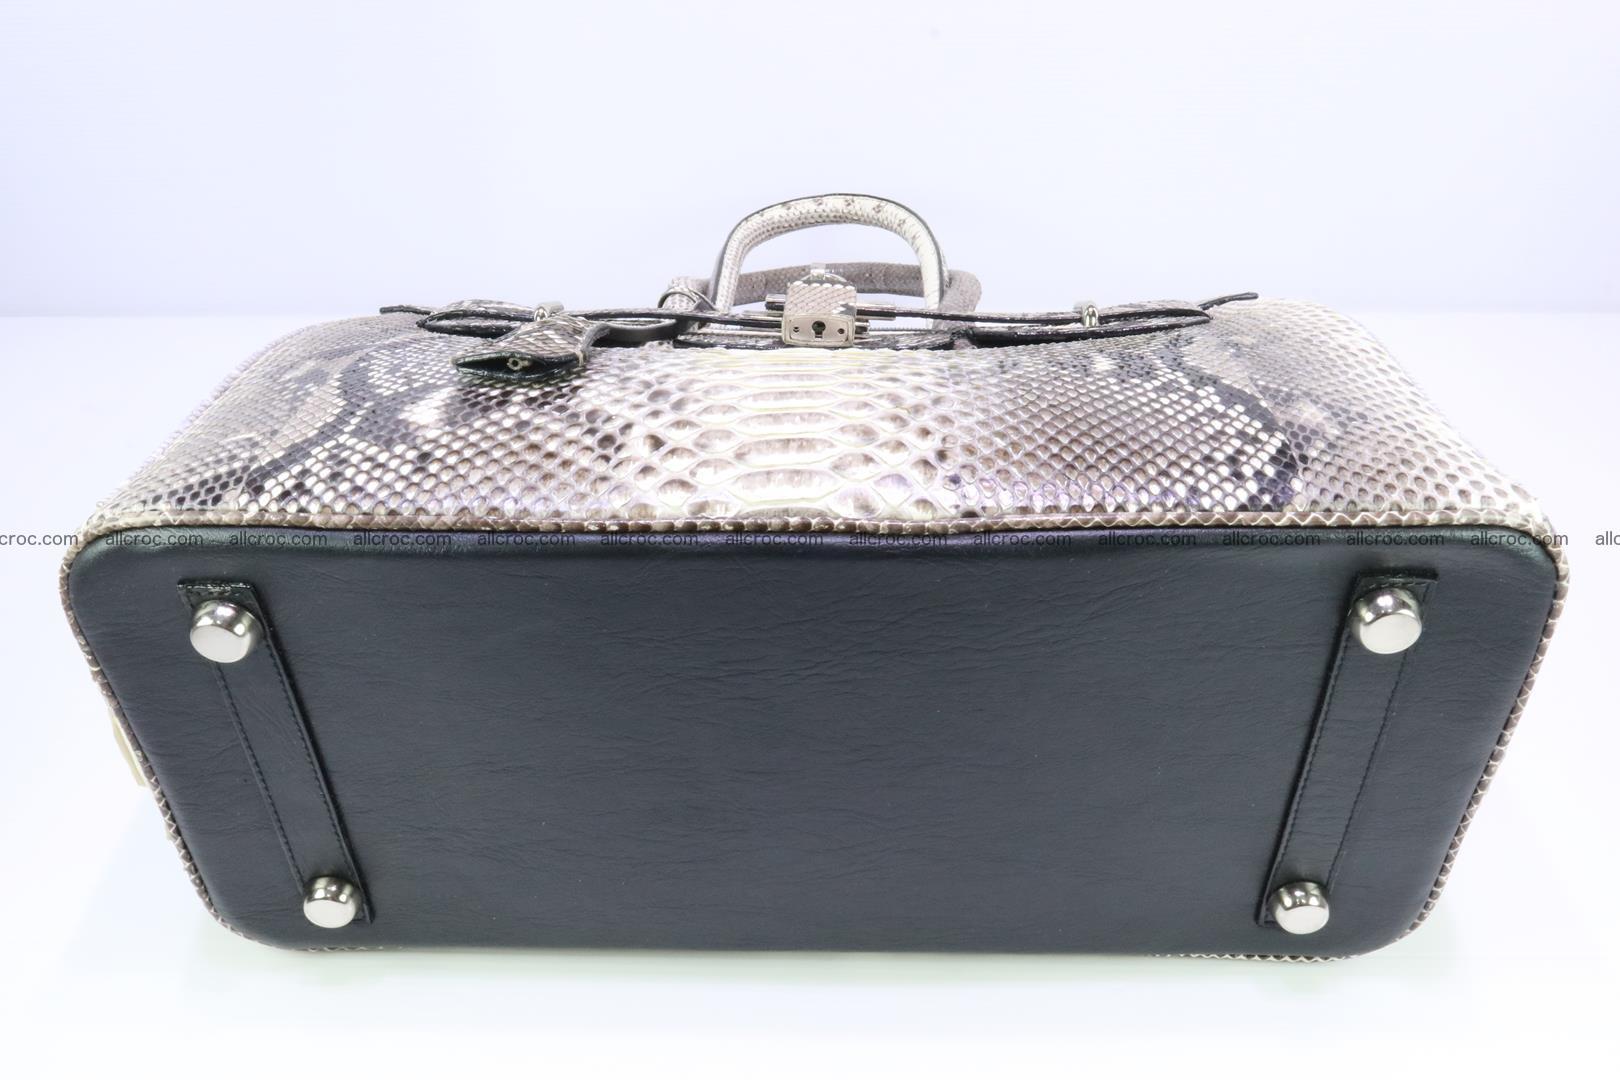 Python skin women's handbag replica of Birkin 199 Foto 7